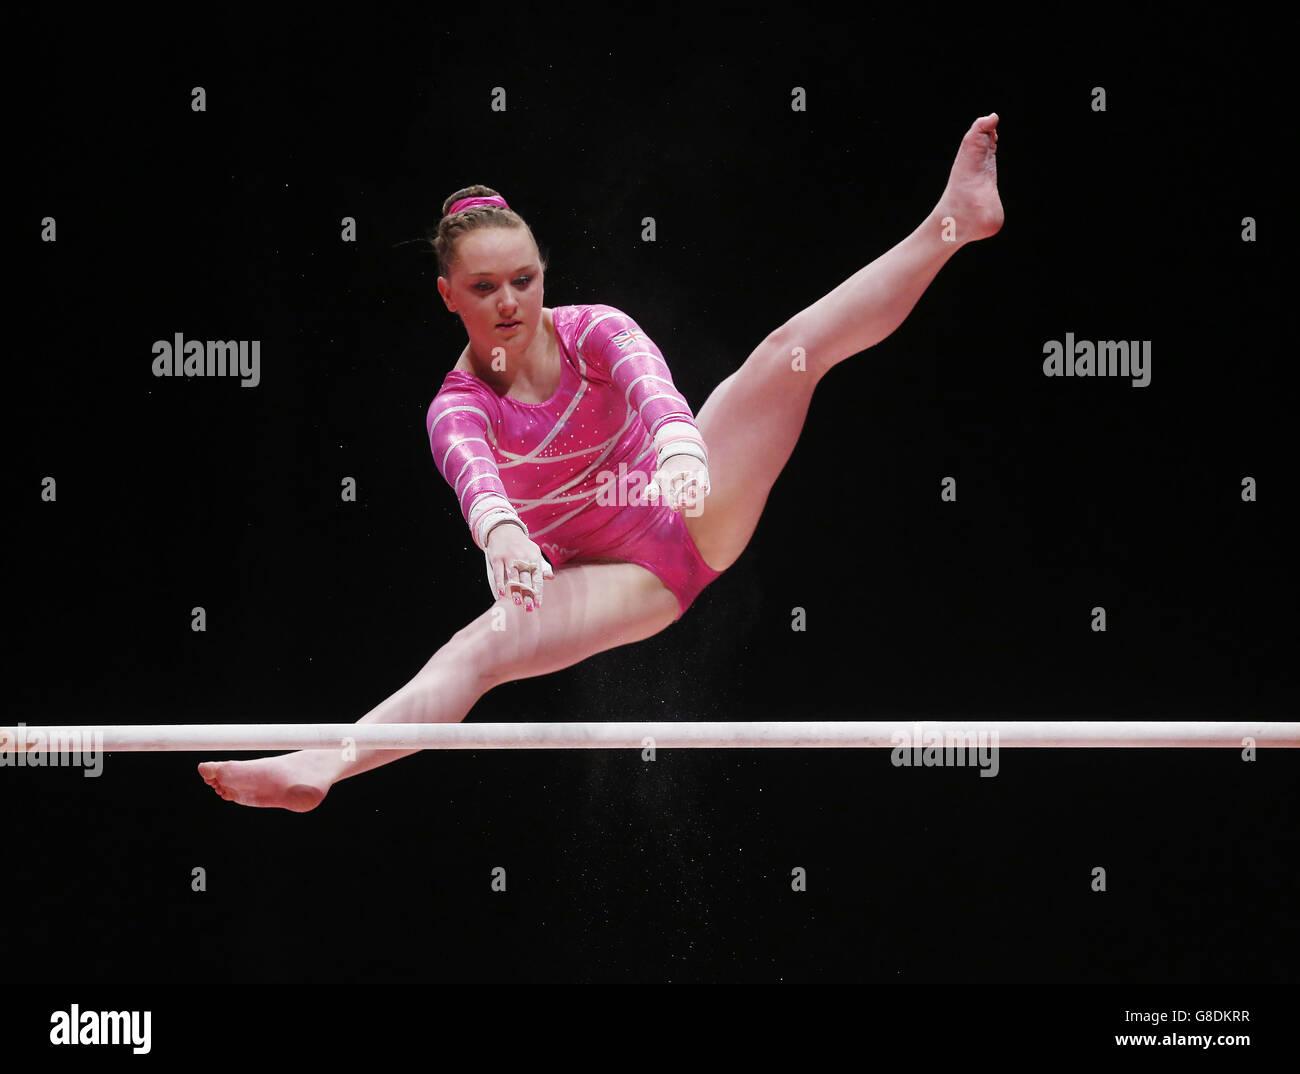 - Championnats du monde de gymnastique 2015 - Jour sept - Le SSE Hydro Photo Stock